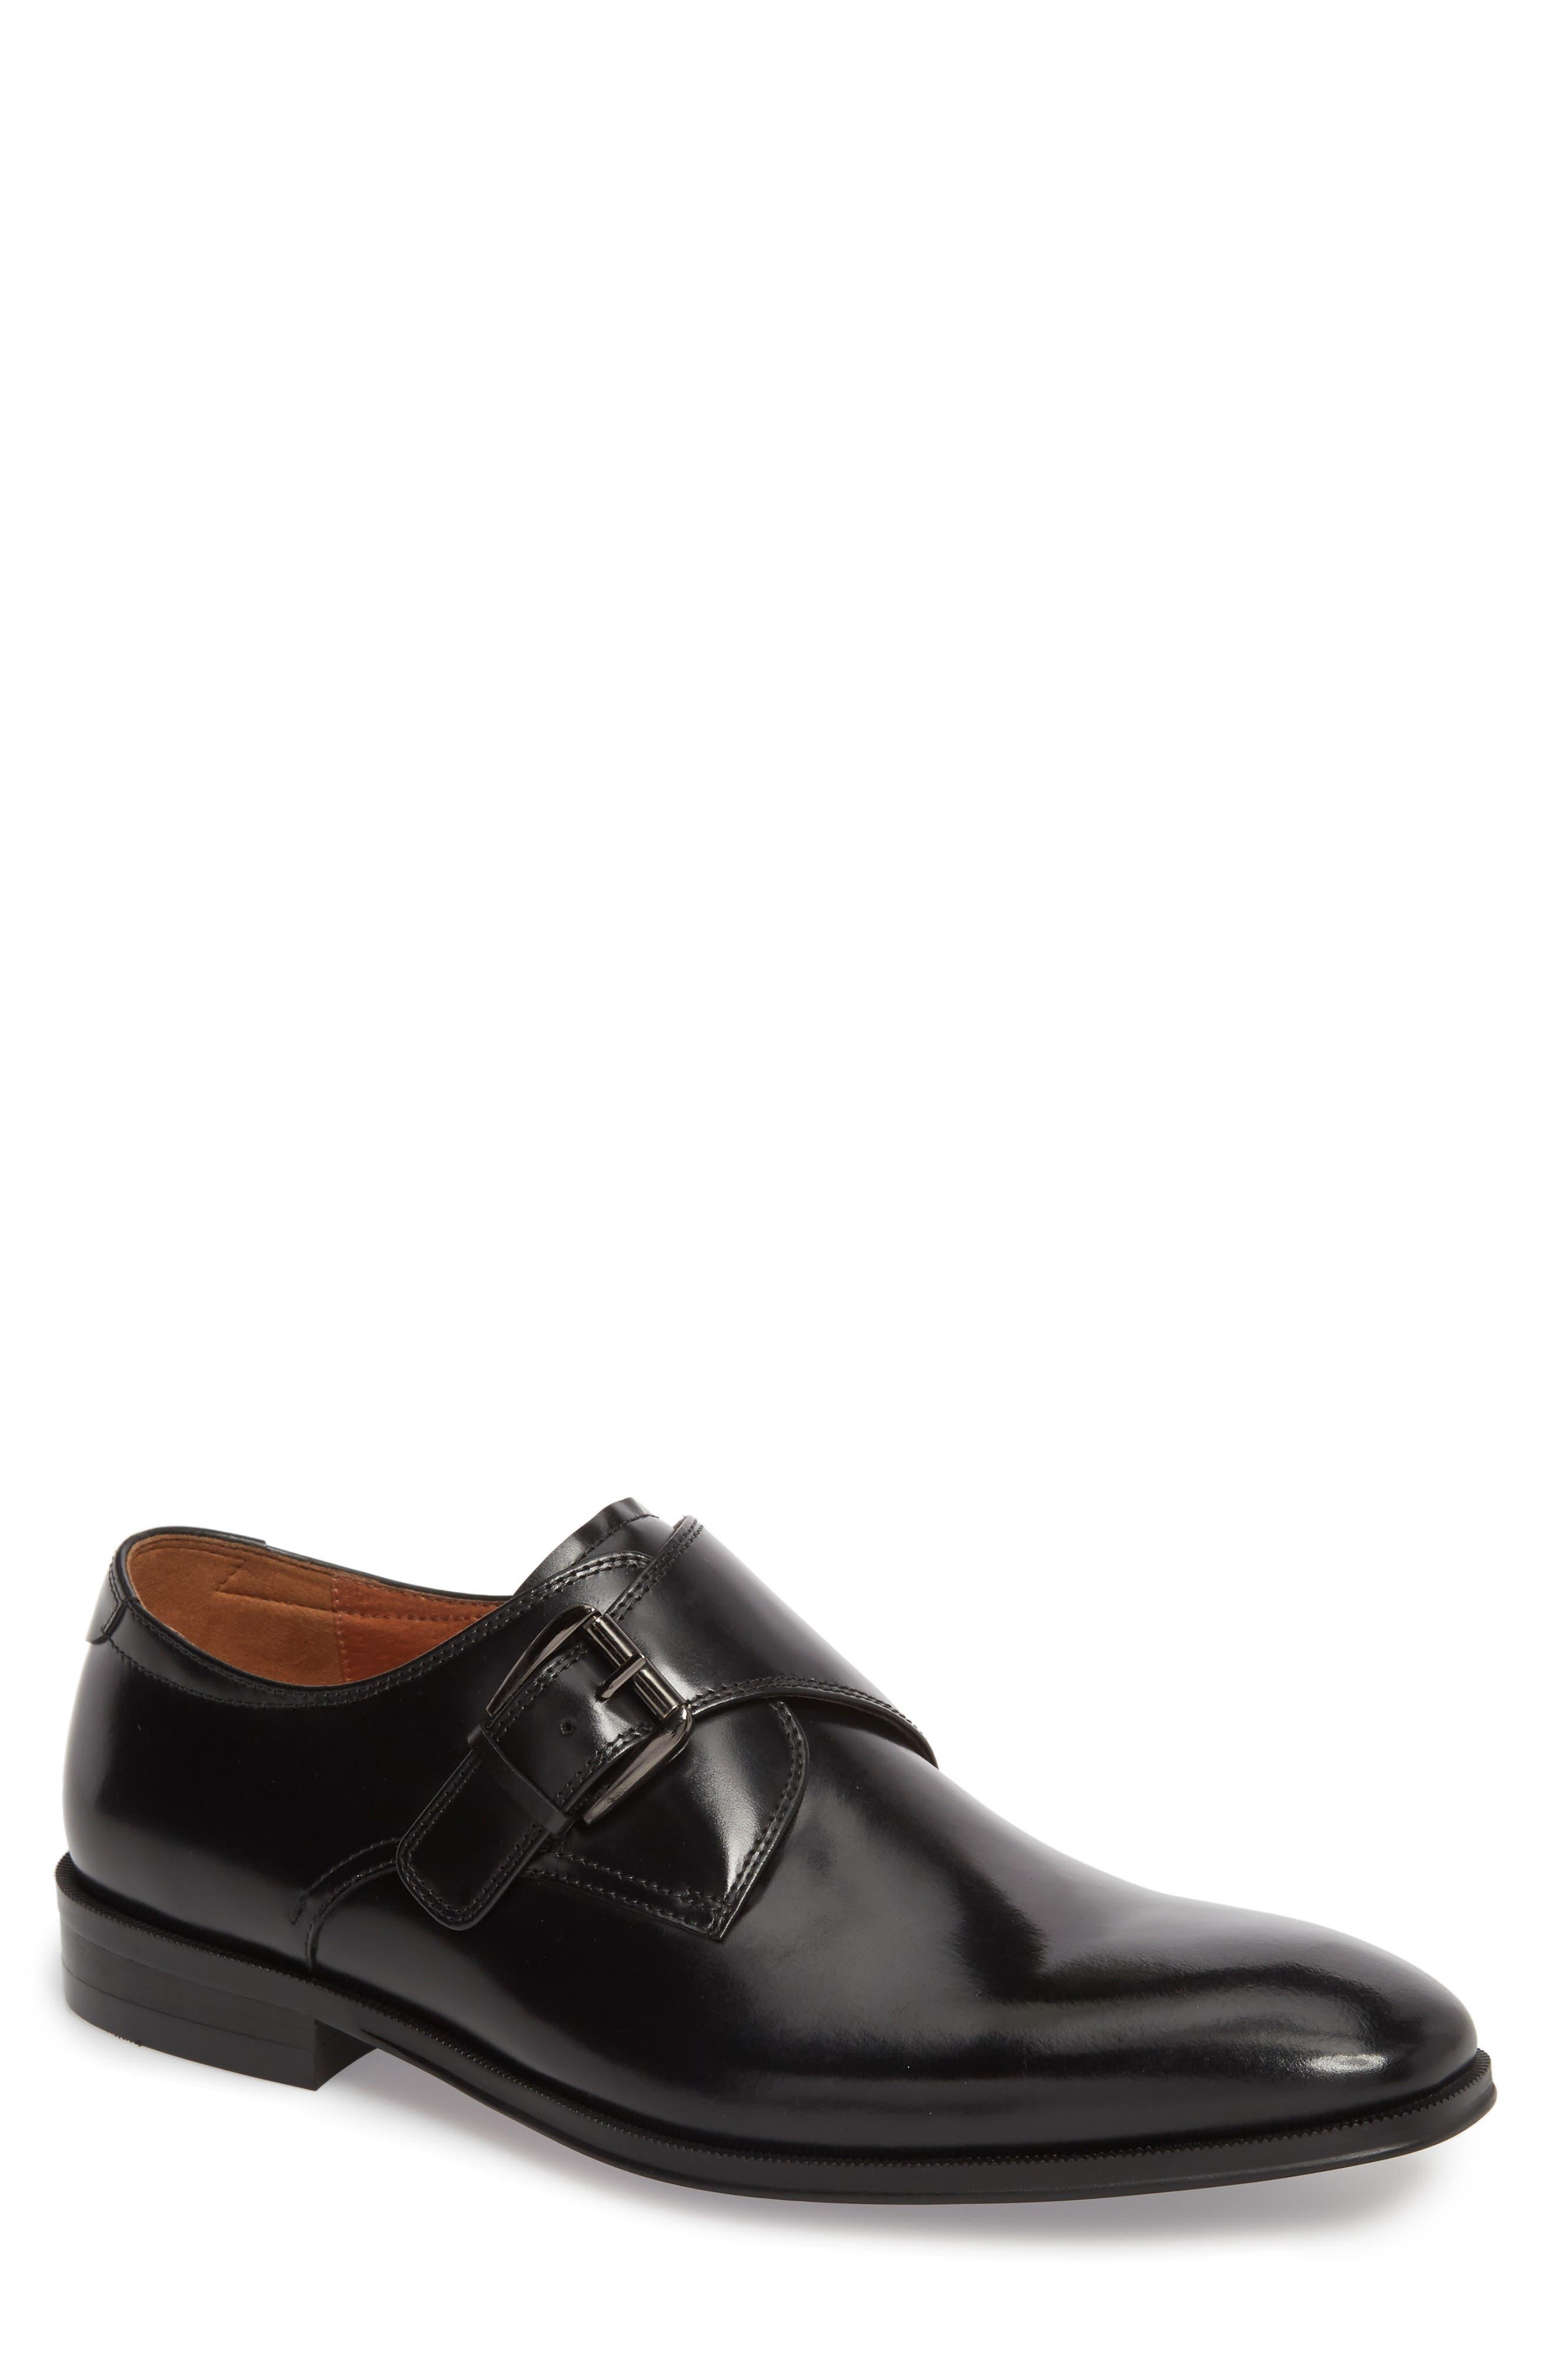 FLORSHEIM, Belfast Single Strap Monk Shoe, Main thumbnail 1, color, BLACK LEATHER